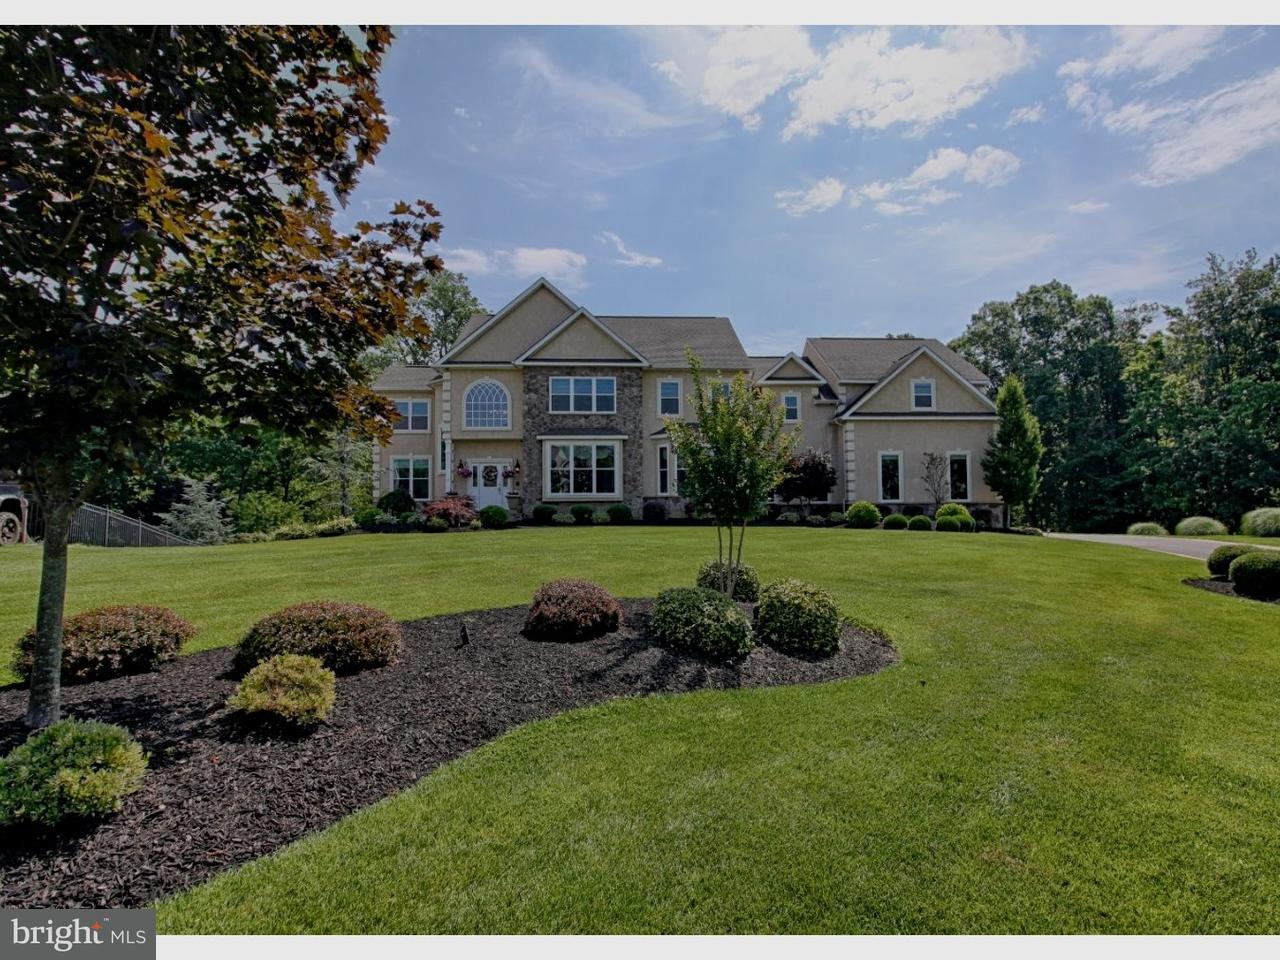 独户住宅 为 出租 在 111 PANCOAST Place Mullica Hill, 新泽西州 08062 美国